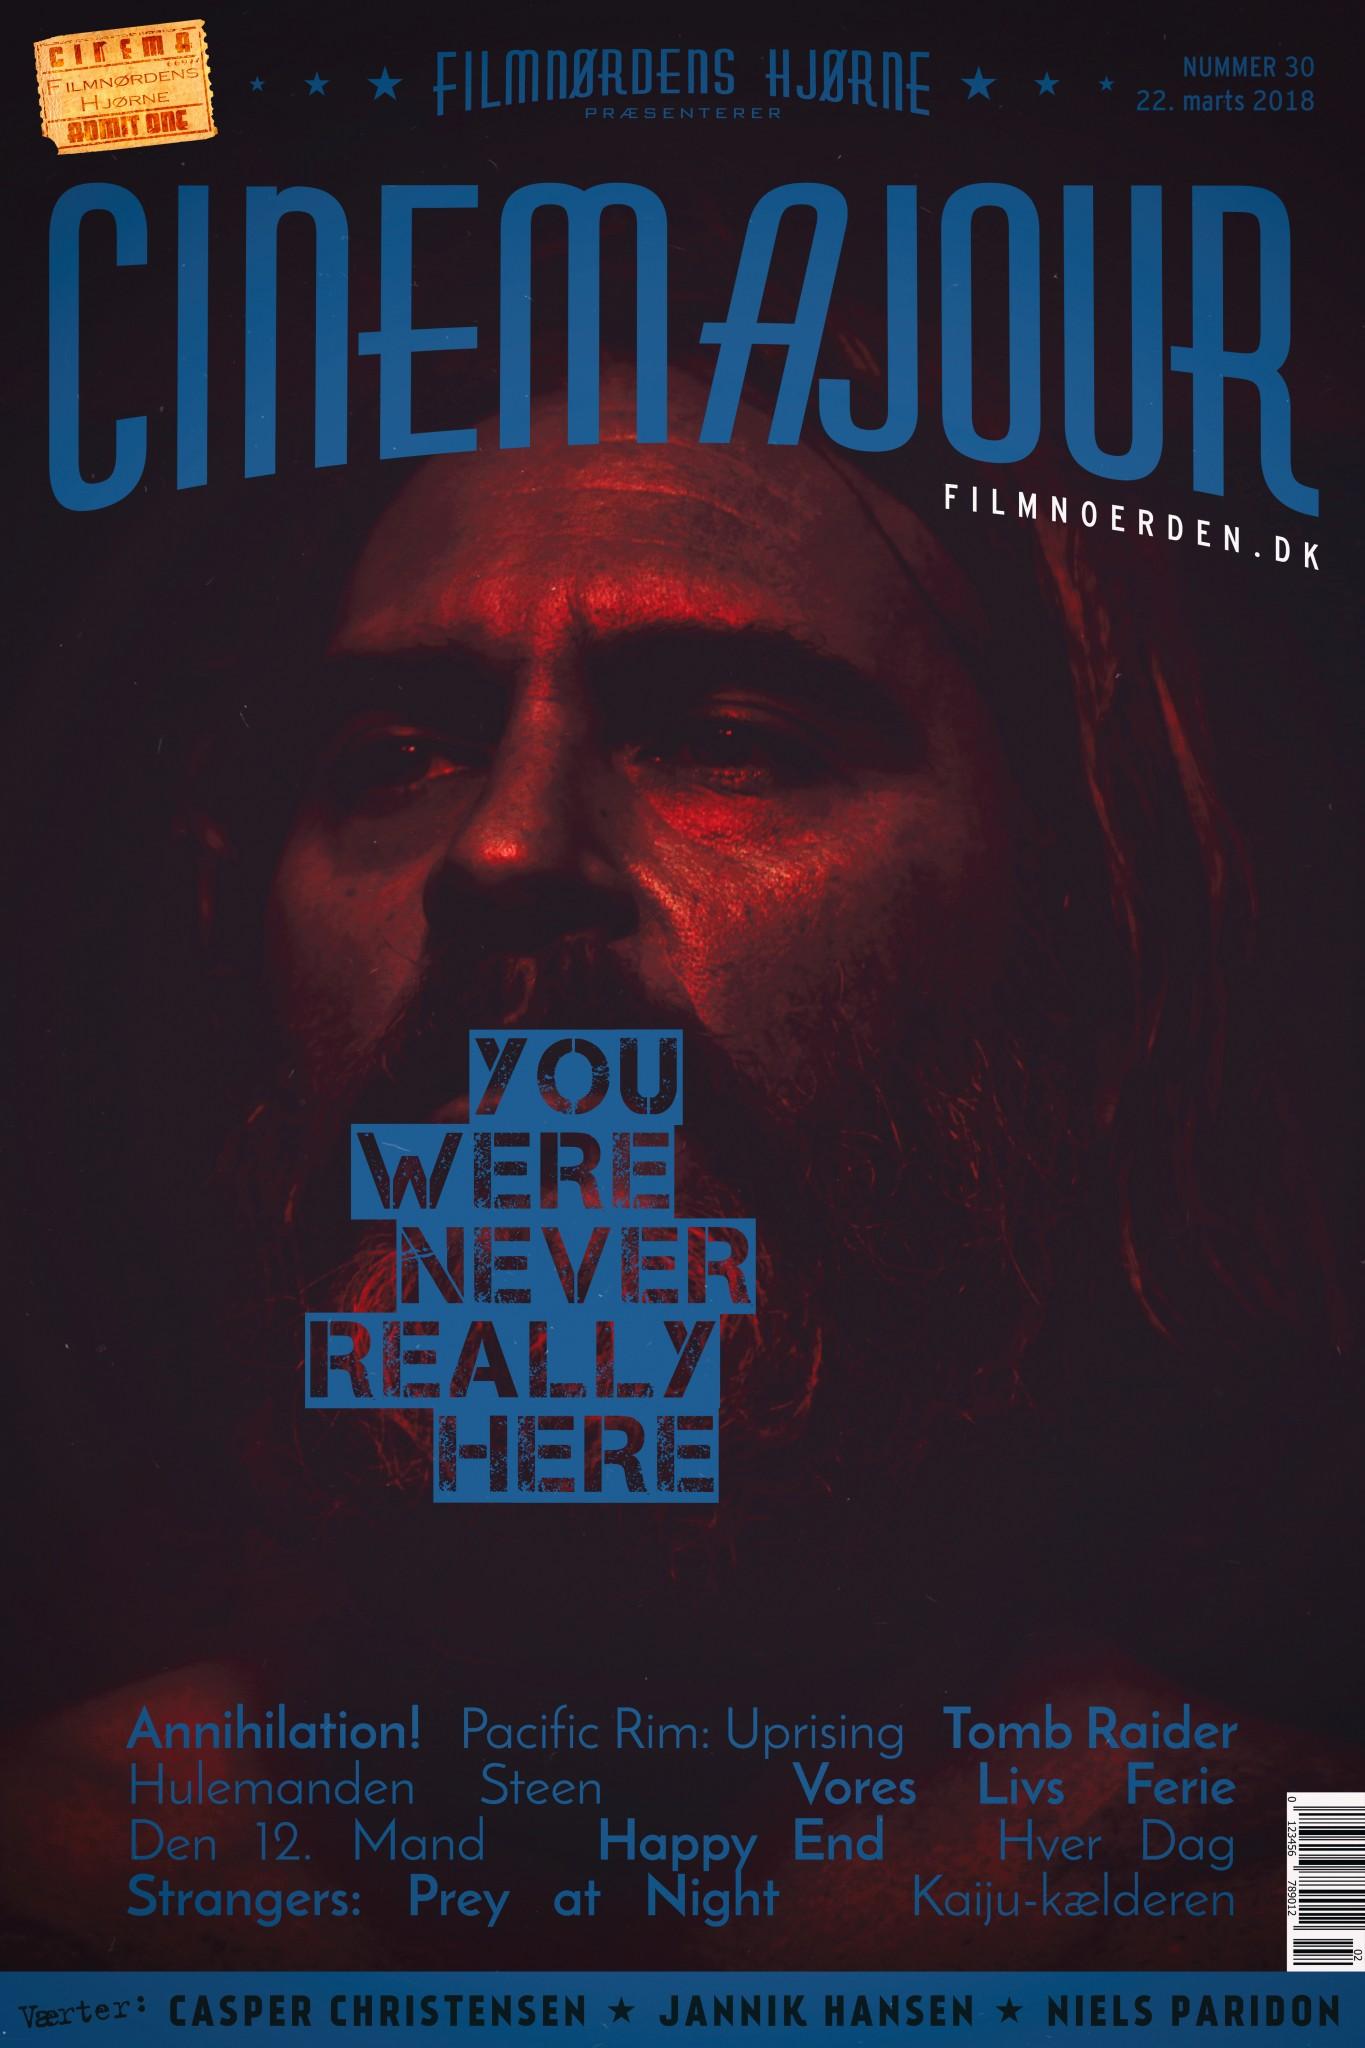 Cinemajour ep. 30